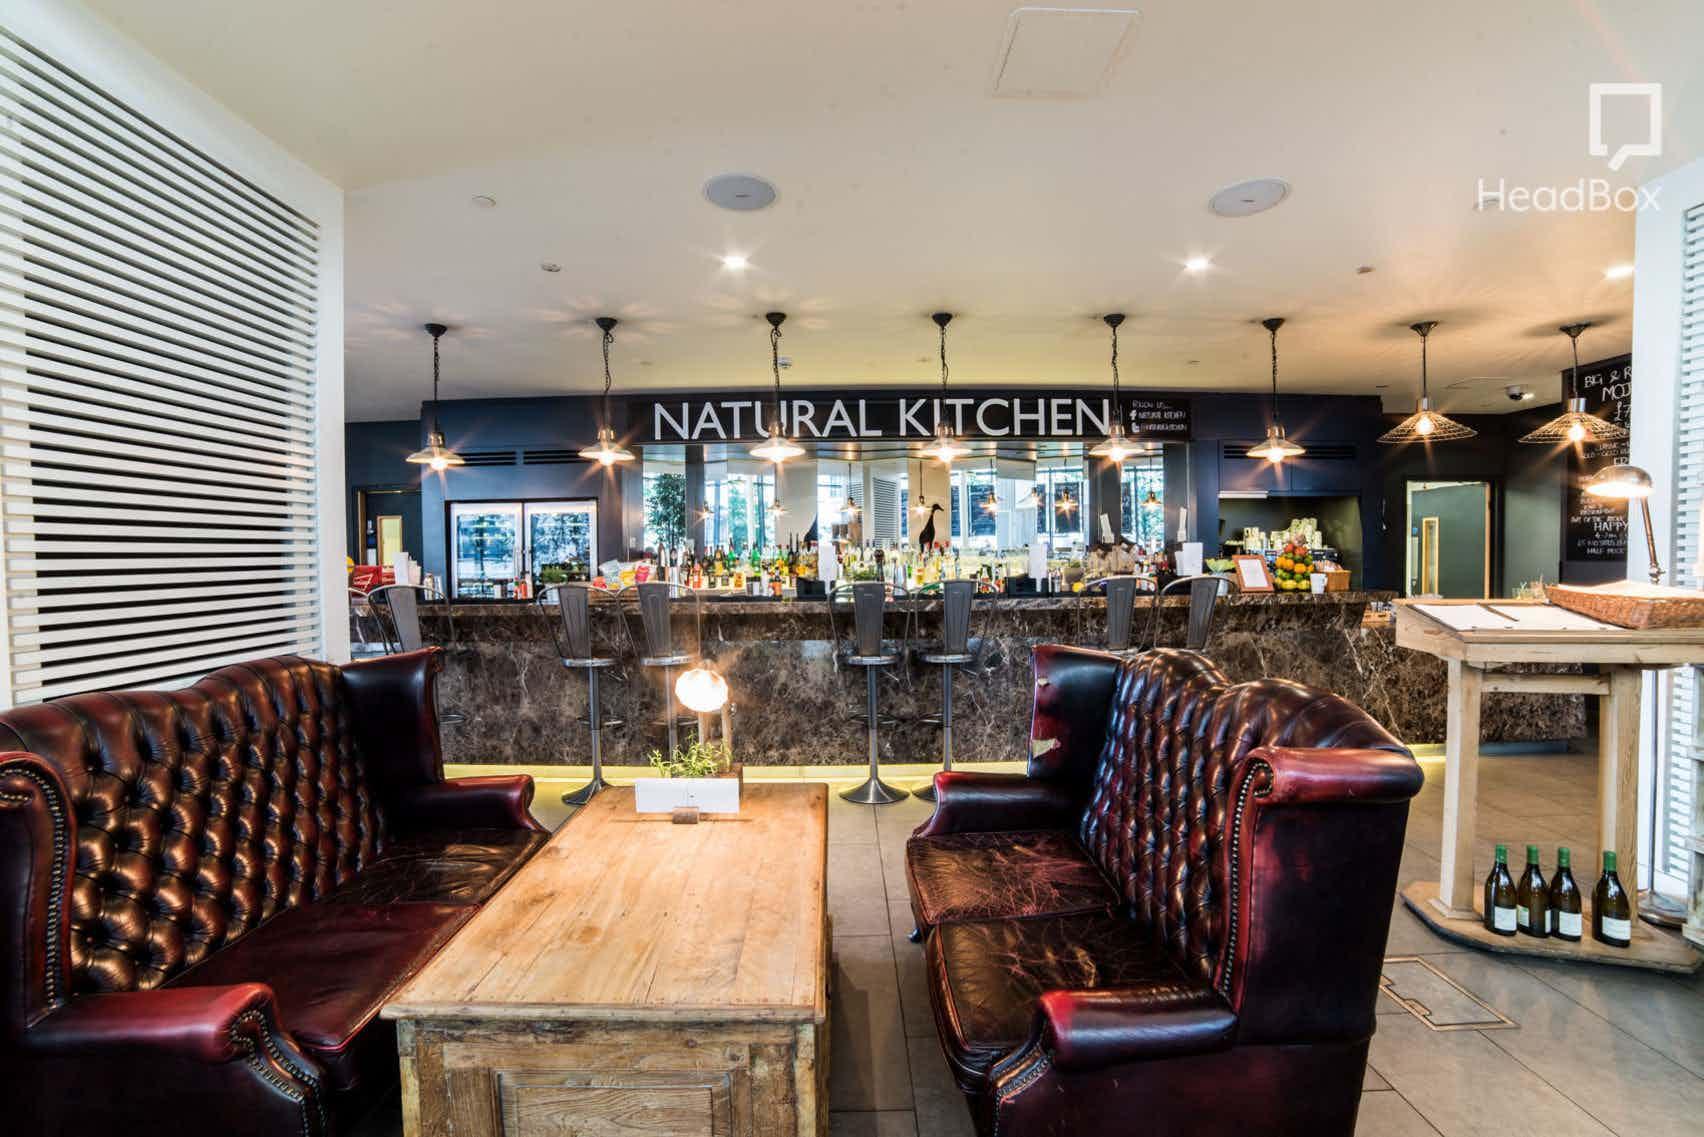 Full Day, Deli, The Natural Kitchen Trinity Square